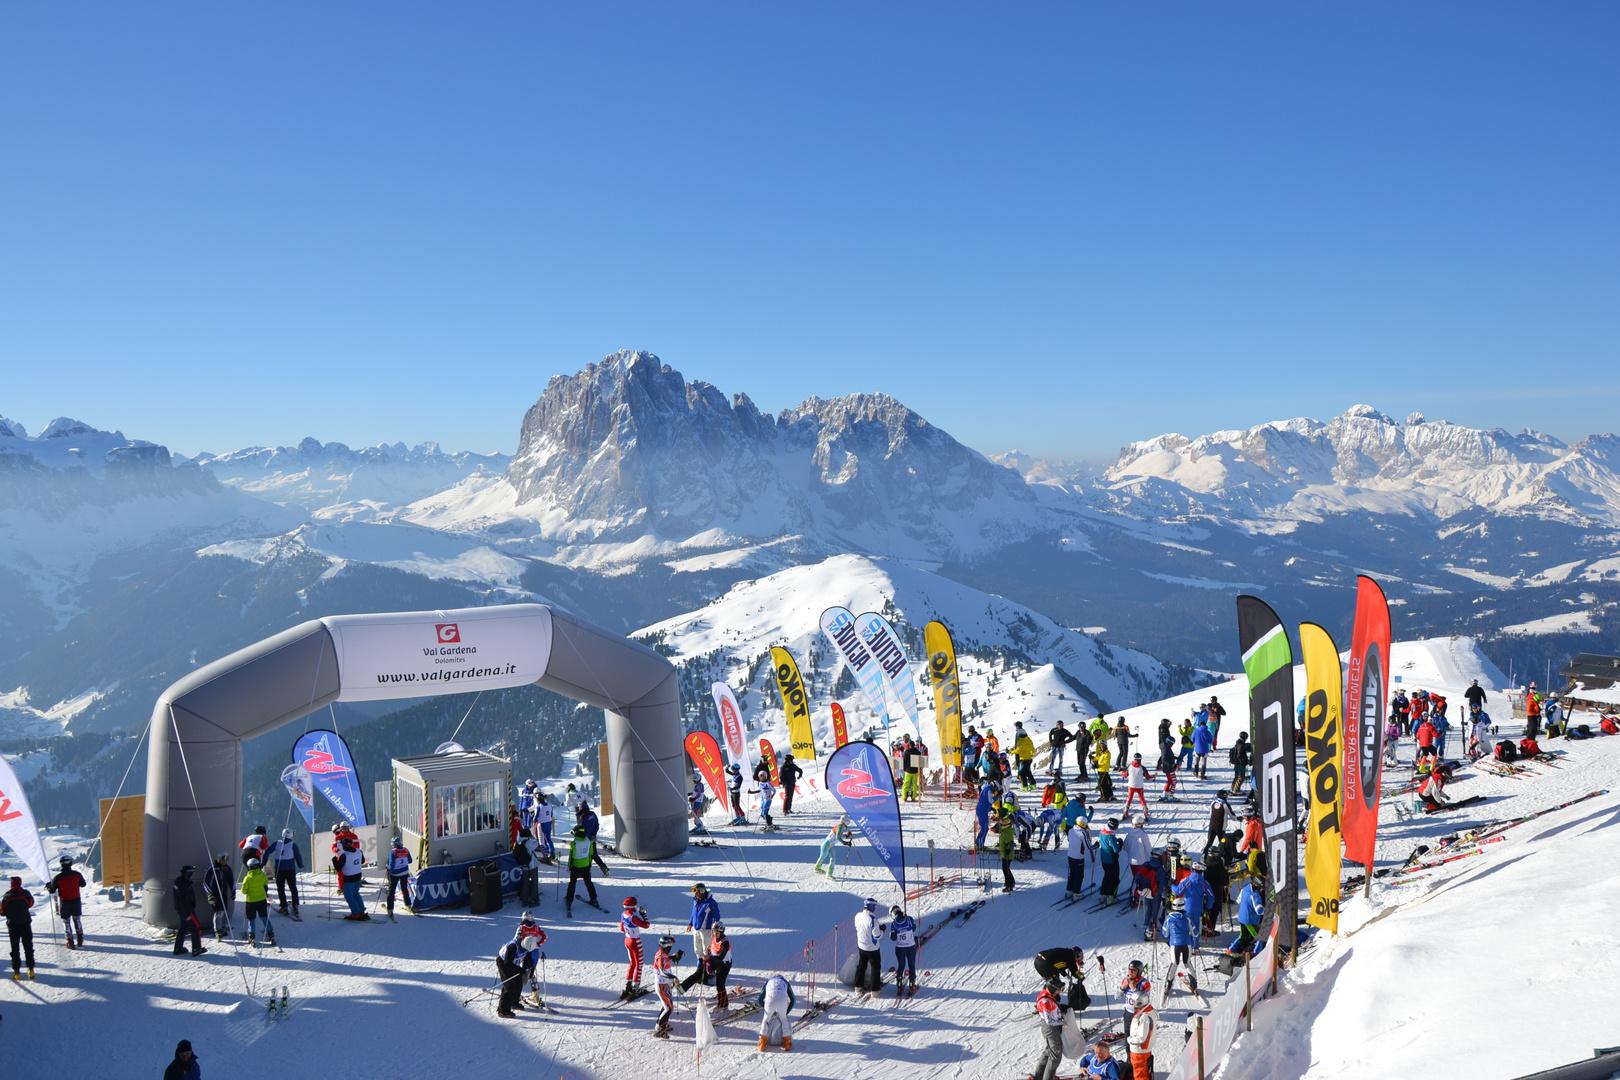 Südtirol Gardenissima 2014 - der längste Riesentorlauf der Welt